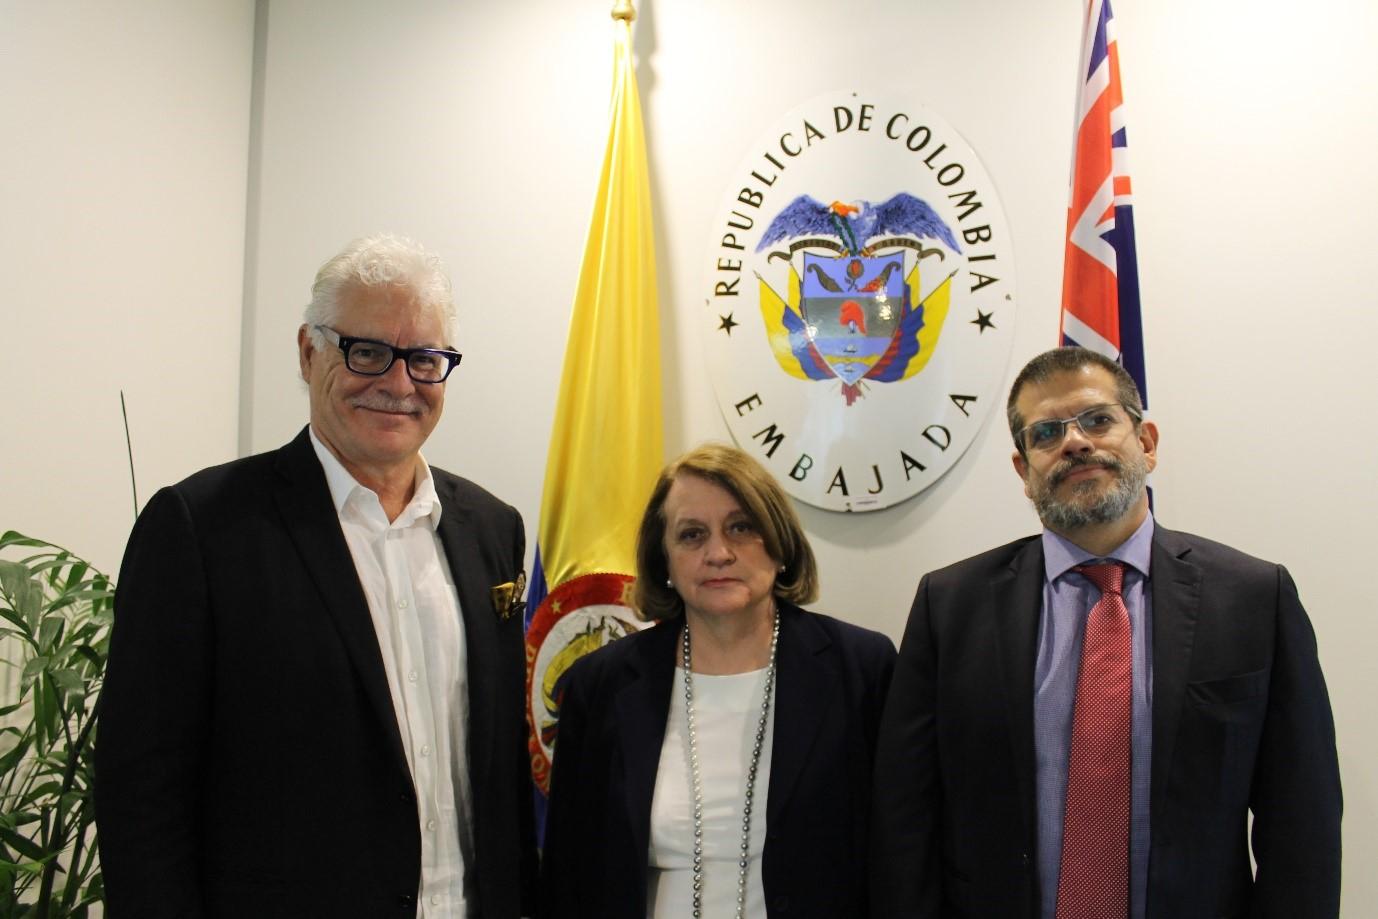 La Embajadora Clemencia Forero se reunió con el Cónsul Honorario de Colombia en Perth, John Goodlad